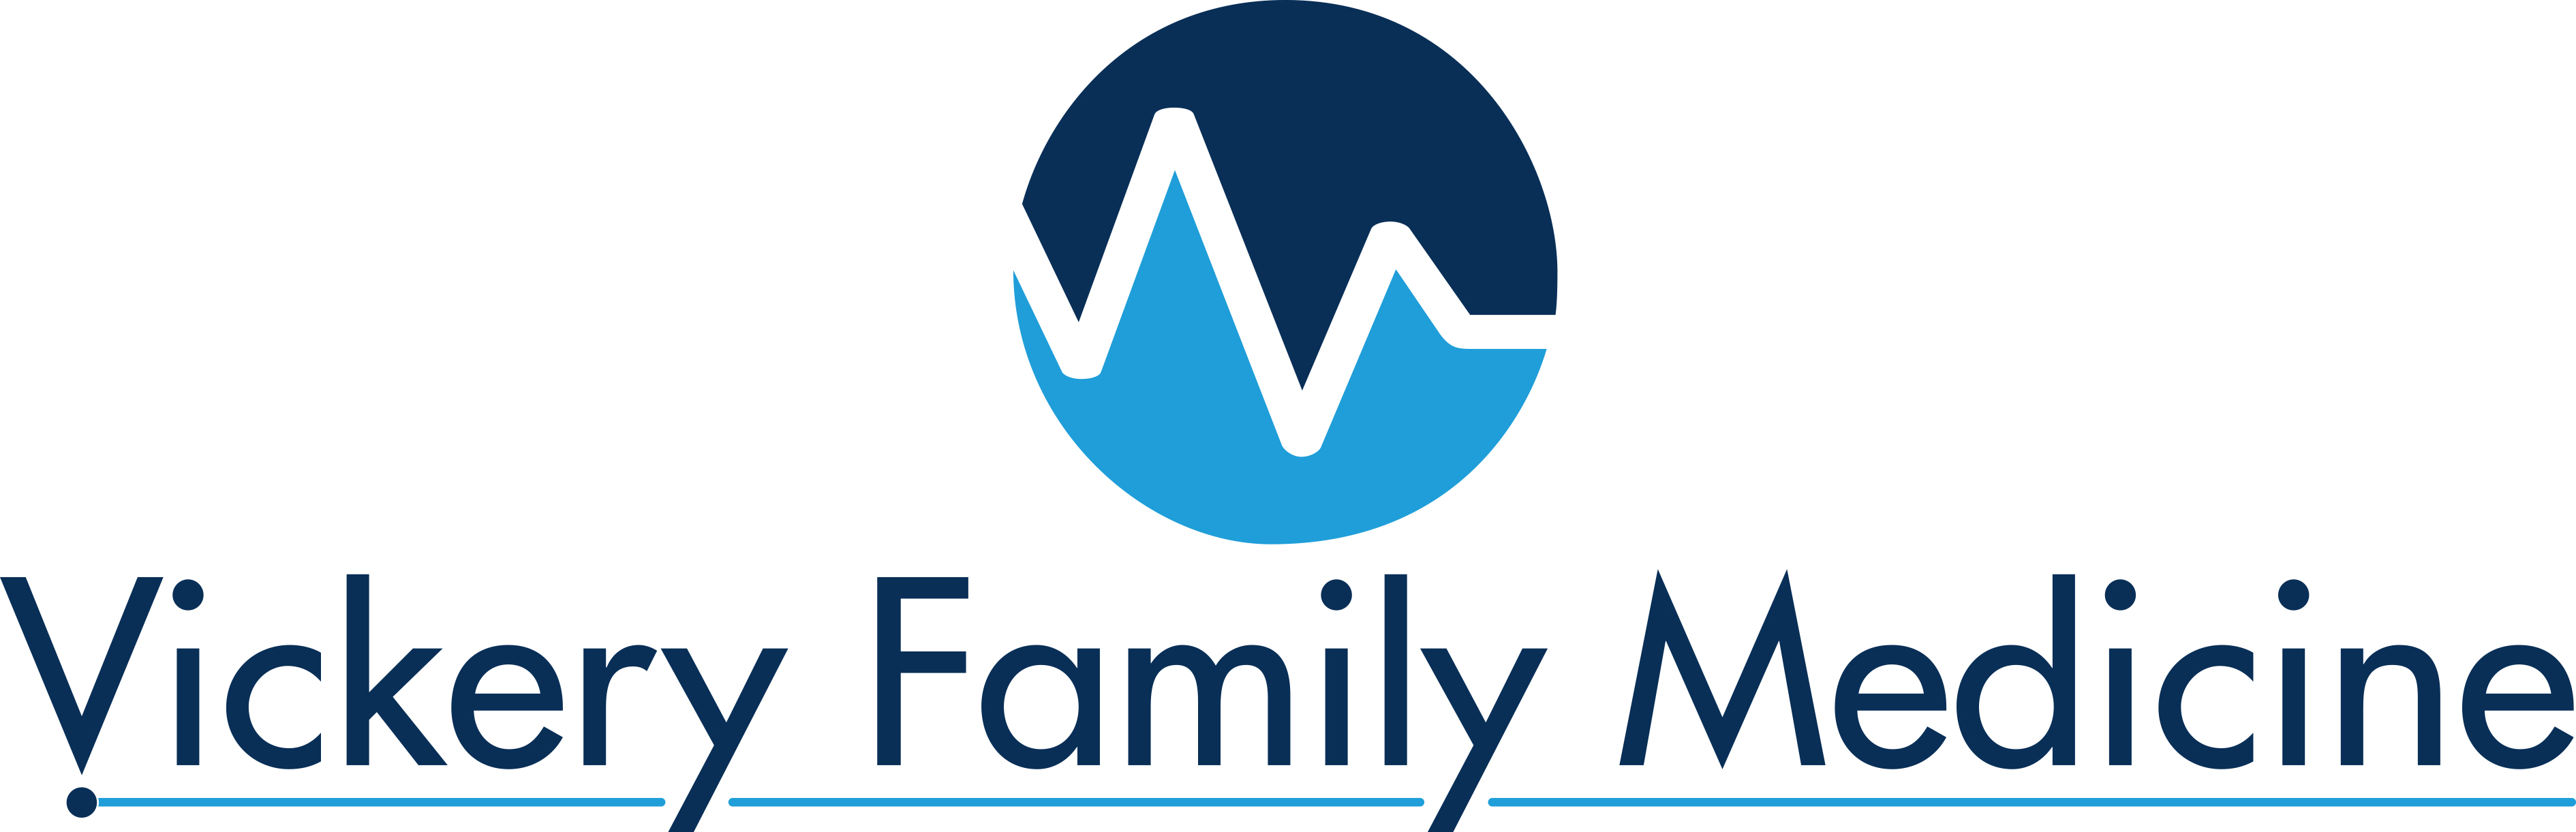 Vickery Family Medicine